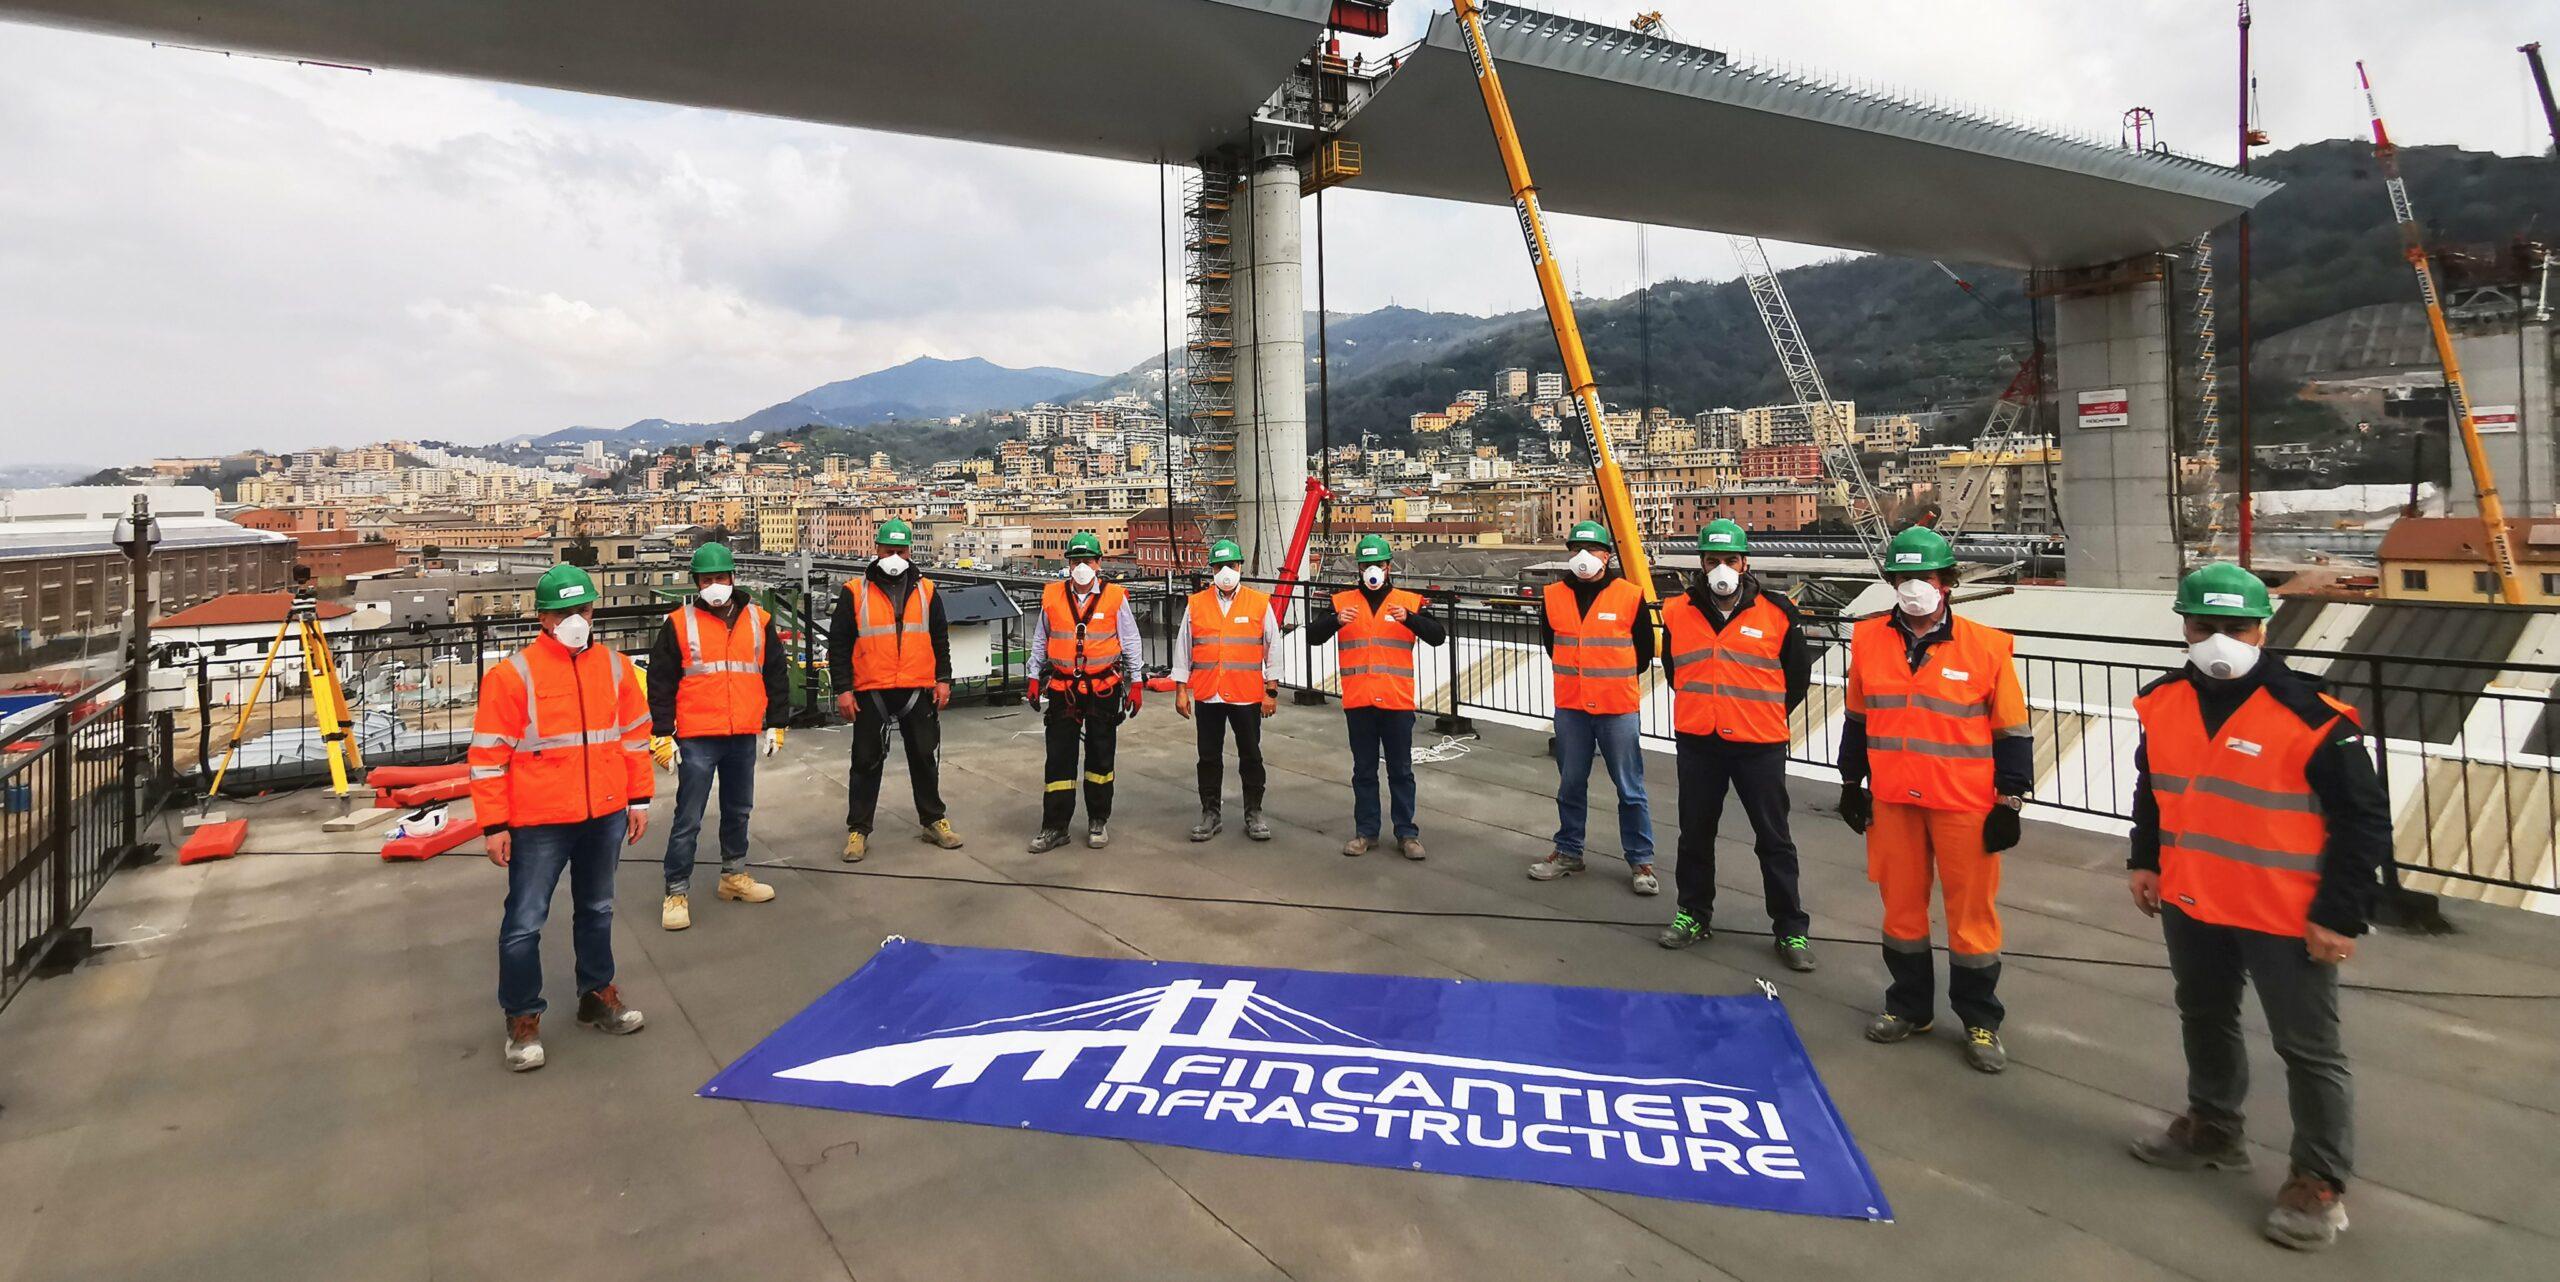 Fincantieri Infrastructure